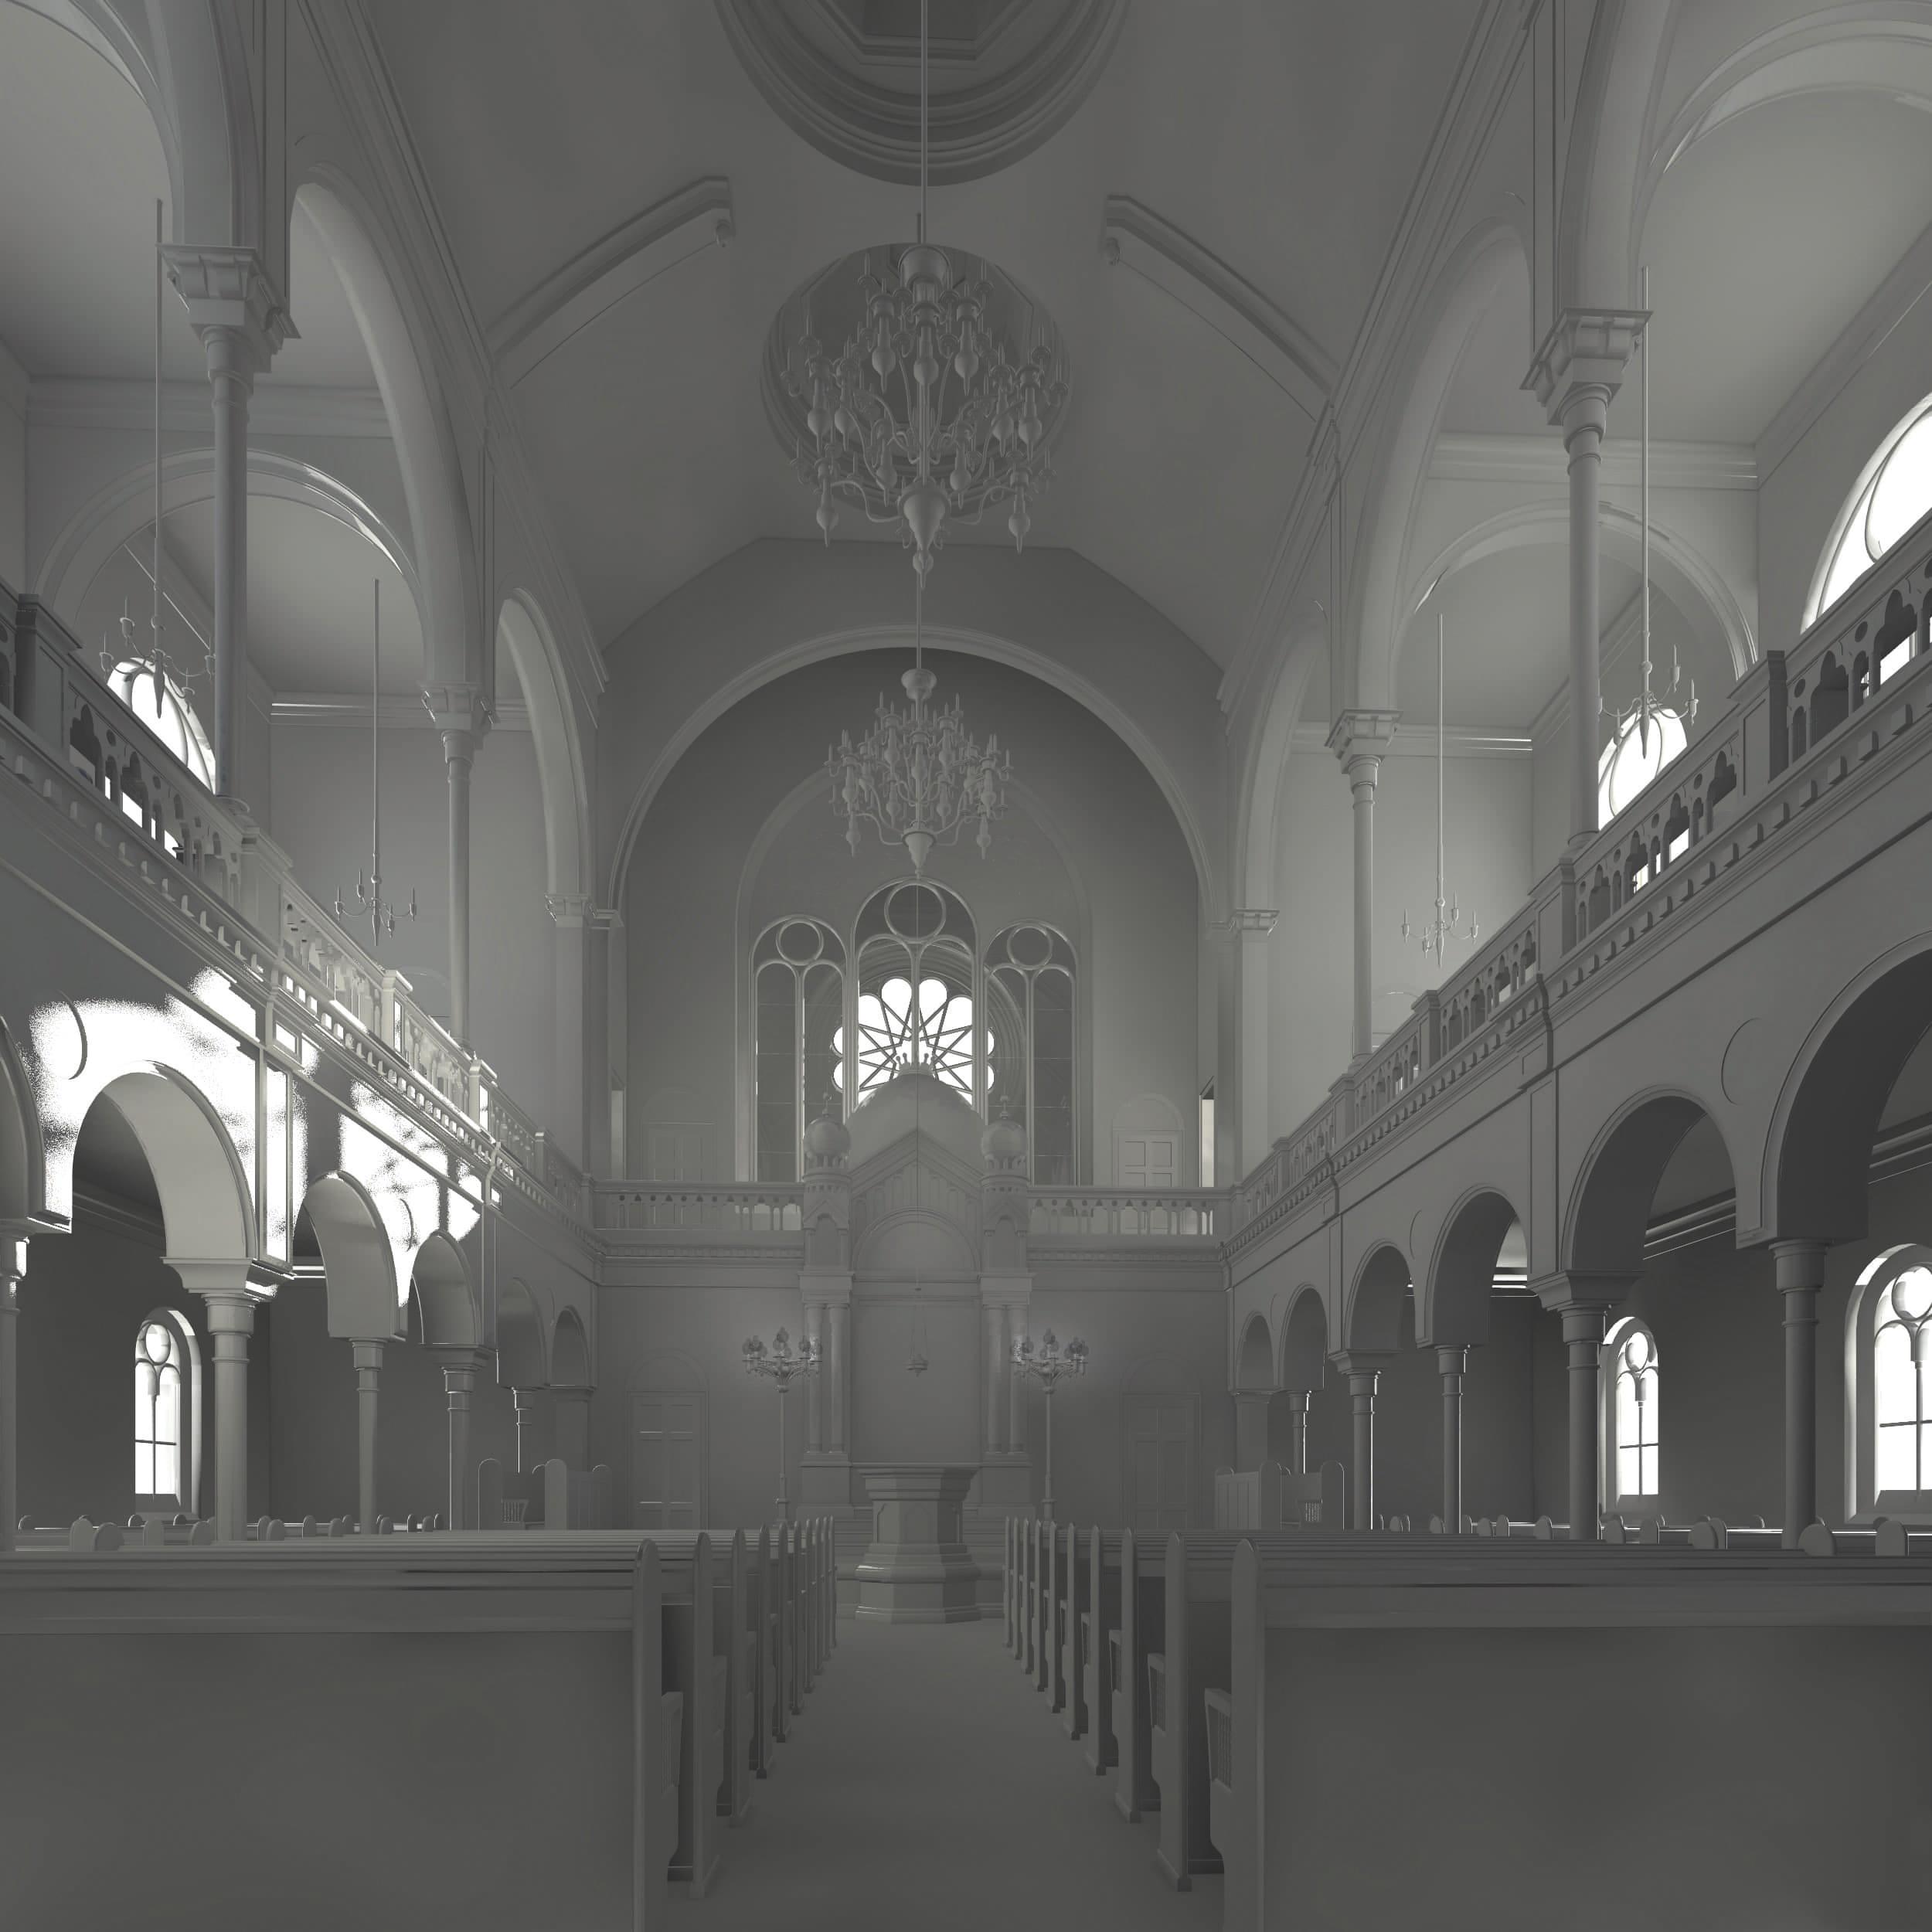 Visualisierung der Synagoge Marienbad, Innenansicht, Mittelgang, Weißmodell